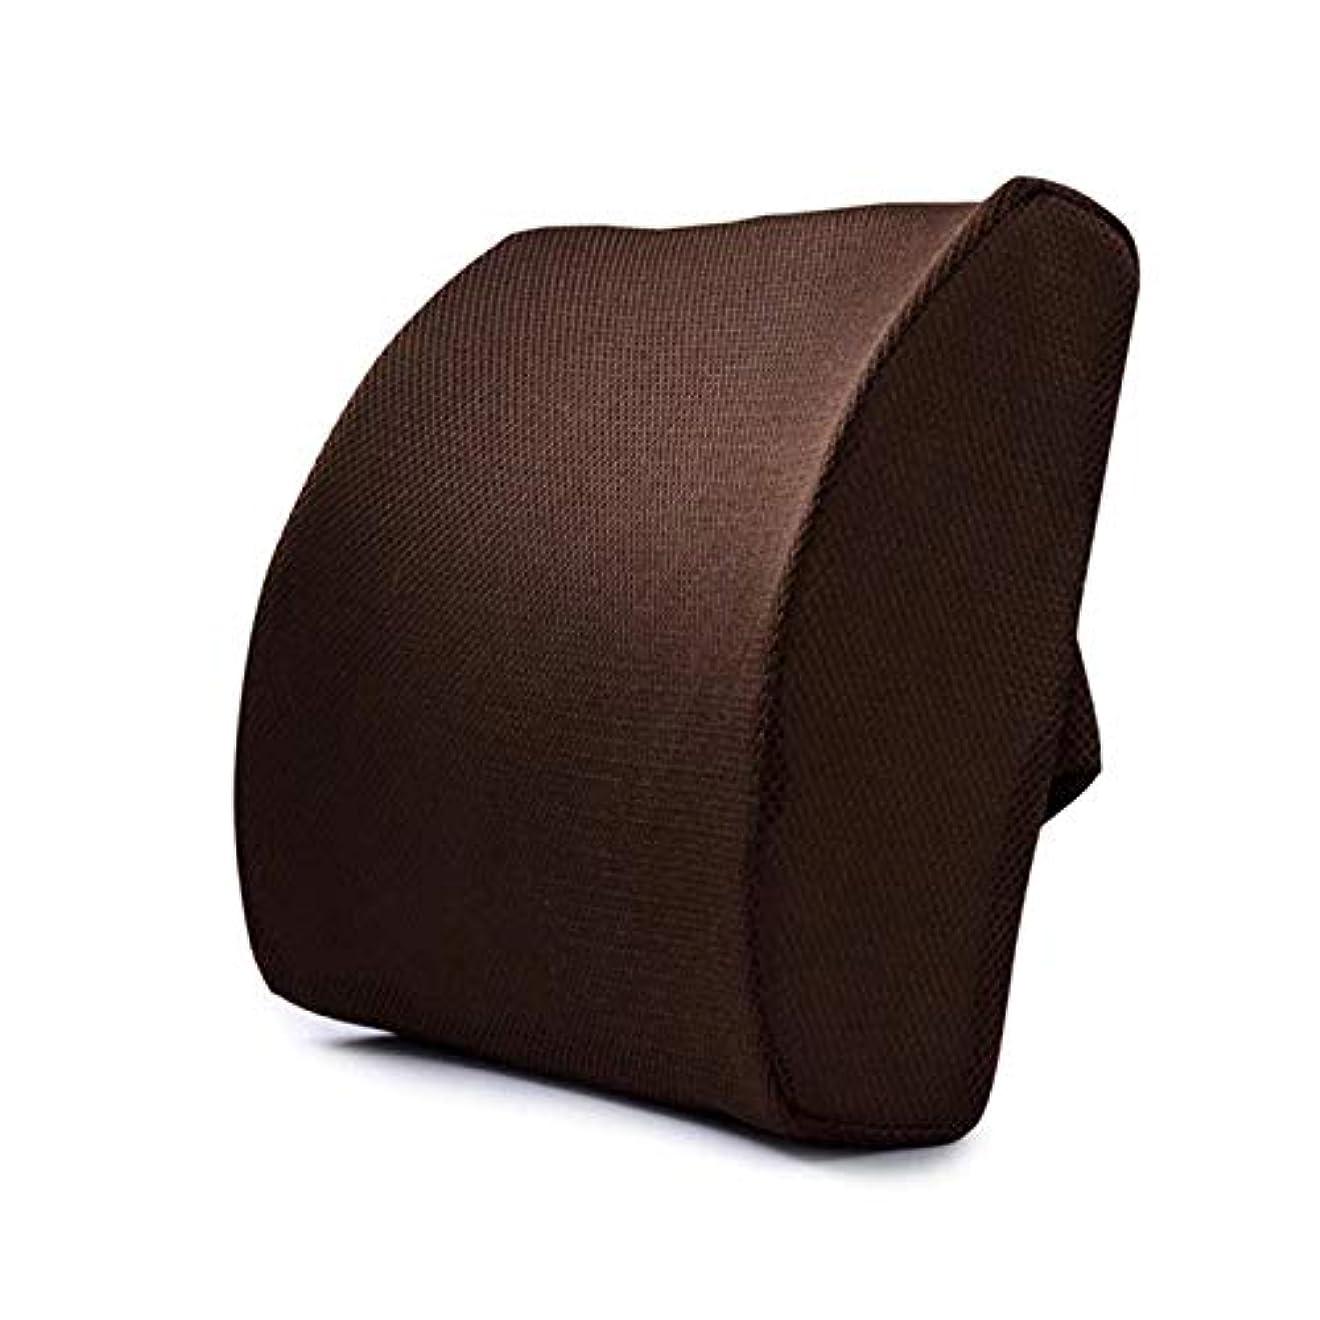 資源迷信ずんぐりしたLIFE ホームオフィス背もたれ椅子腰椎クッションカーシートネック枕 3D 低反発サポートバックマッサージウエストレスリビング枕 クッション 椅子